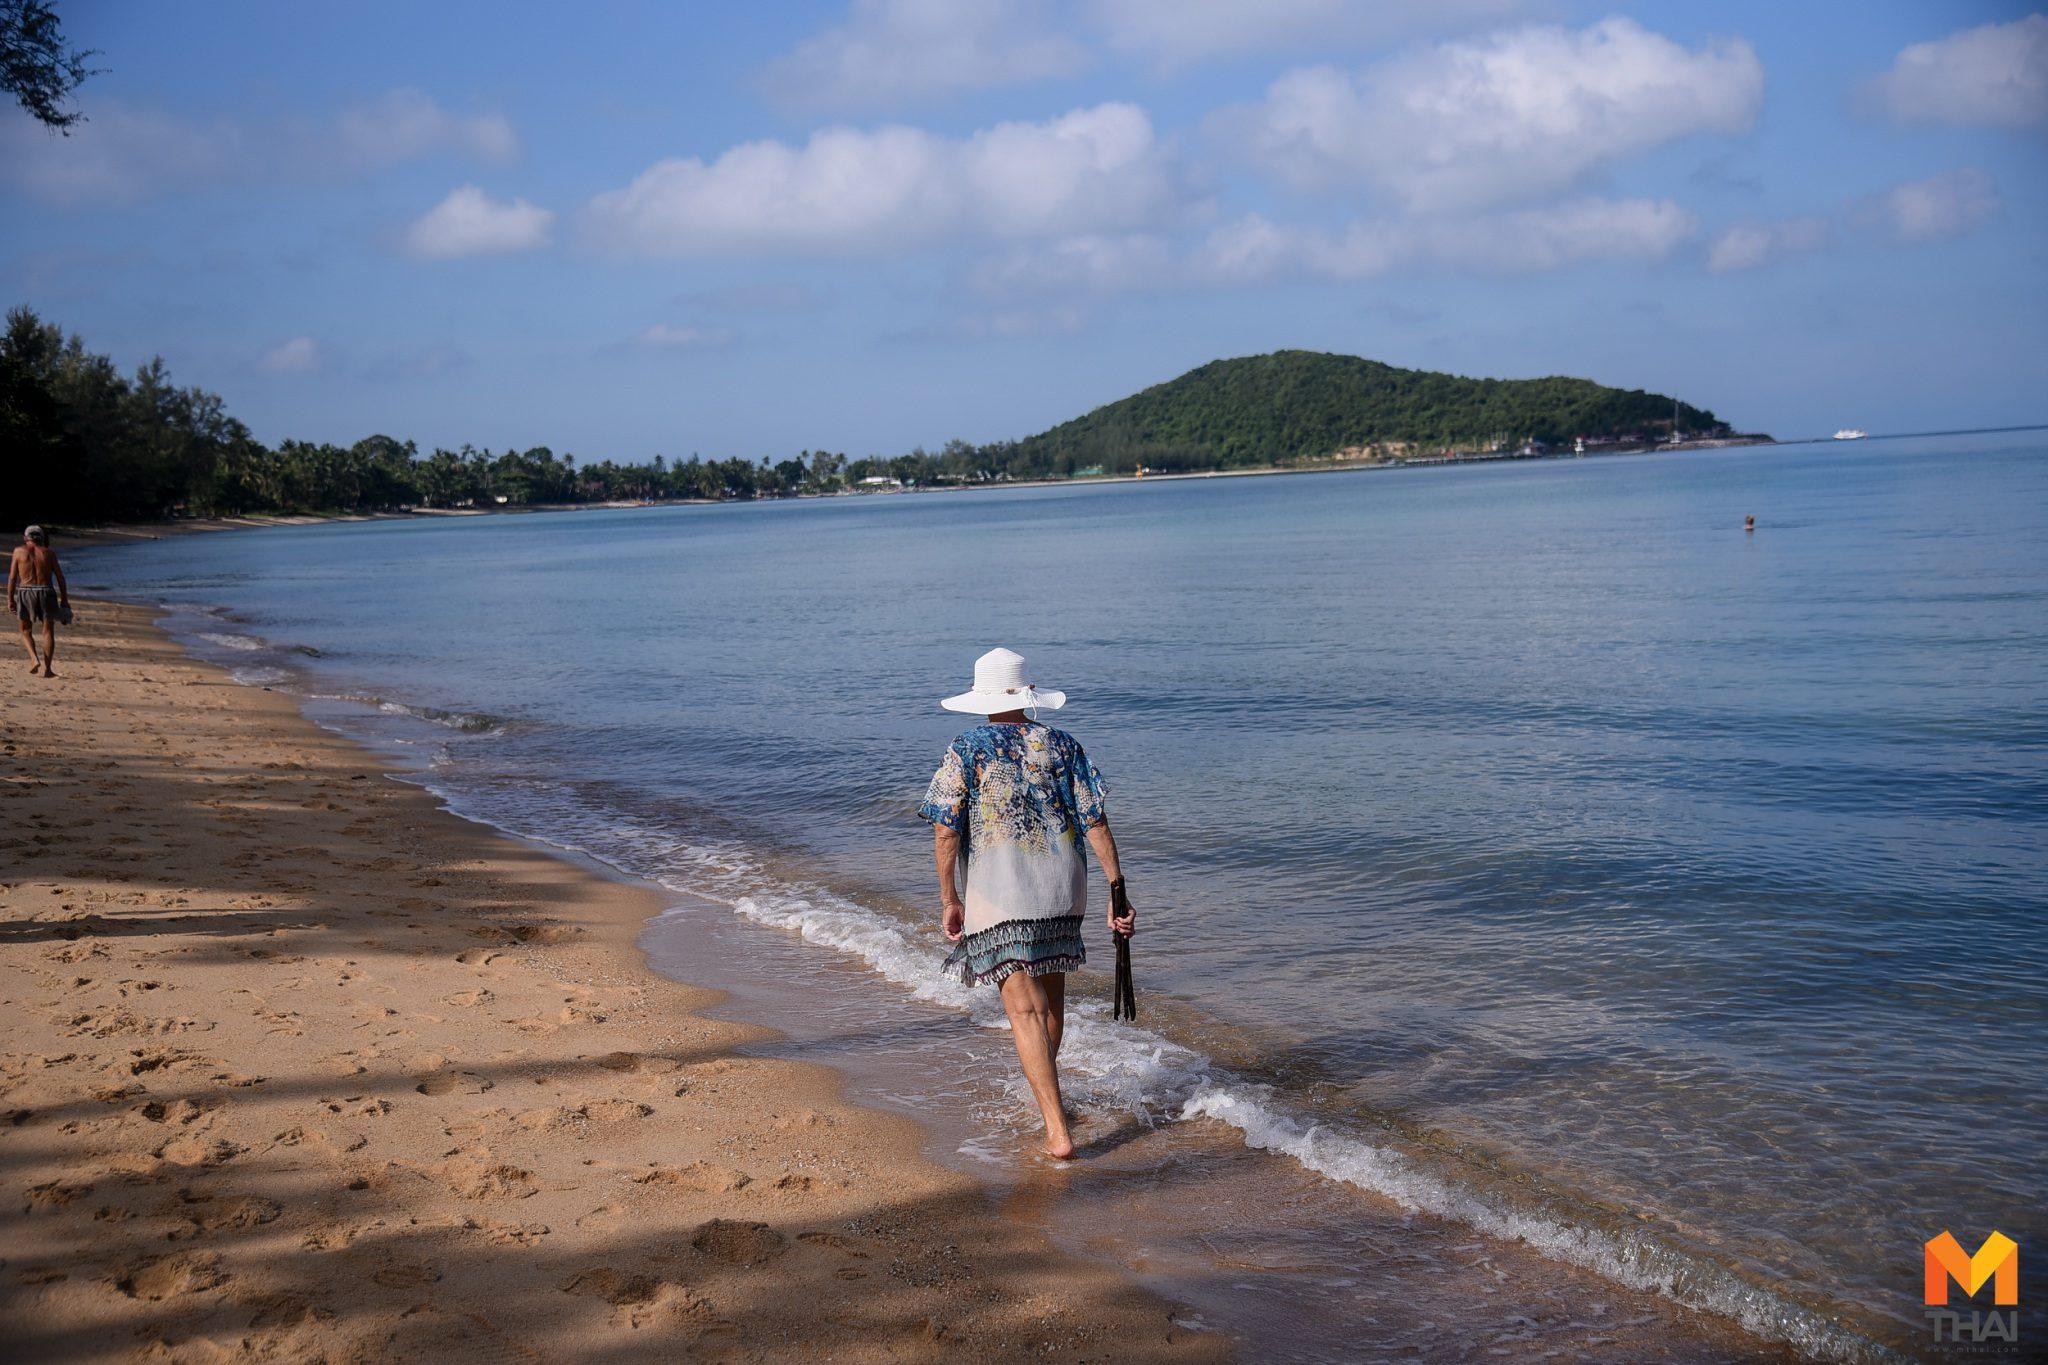 'หาดลิปะน้อย' อีกมุมน่าเที่ยวบนเกาะสมุย ที่แสนเงียบสงบ